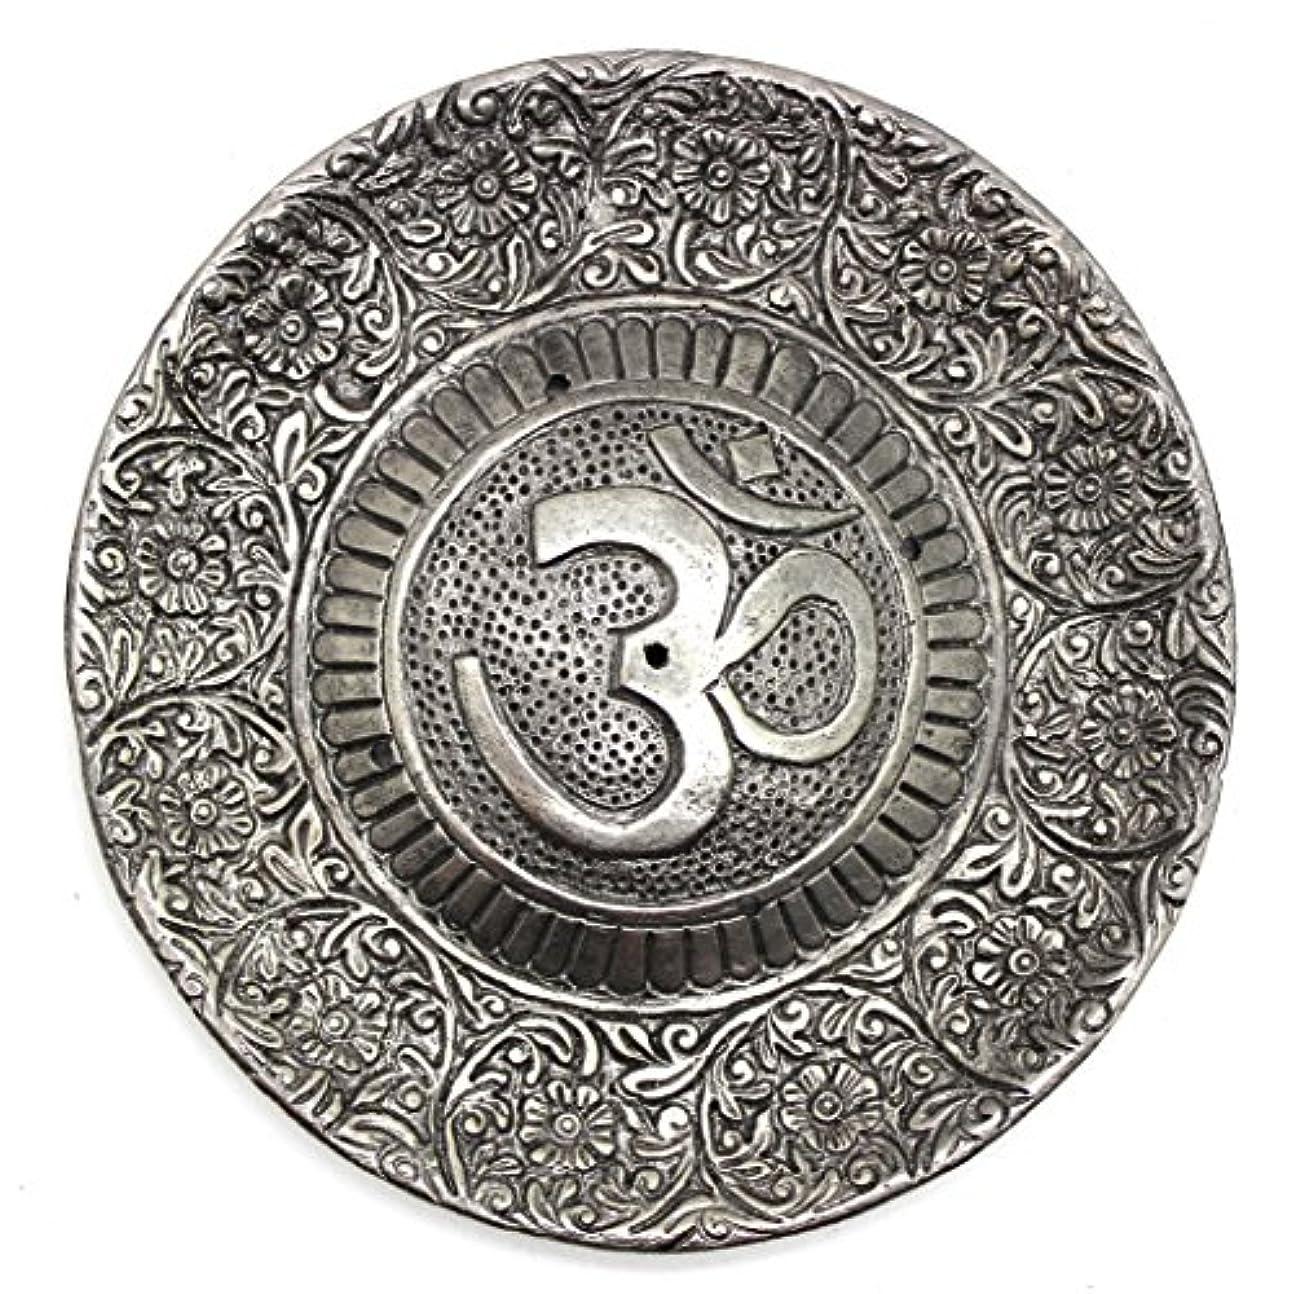 Govinda - Tibetan Incense Burner - Larger OM Symbol - 11cm Diameter